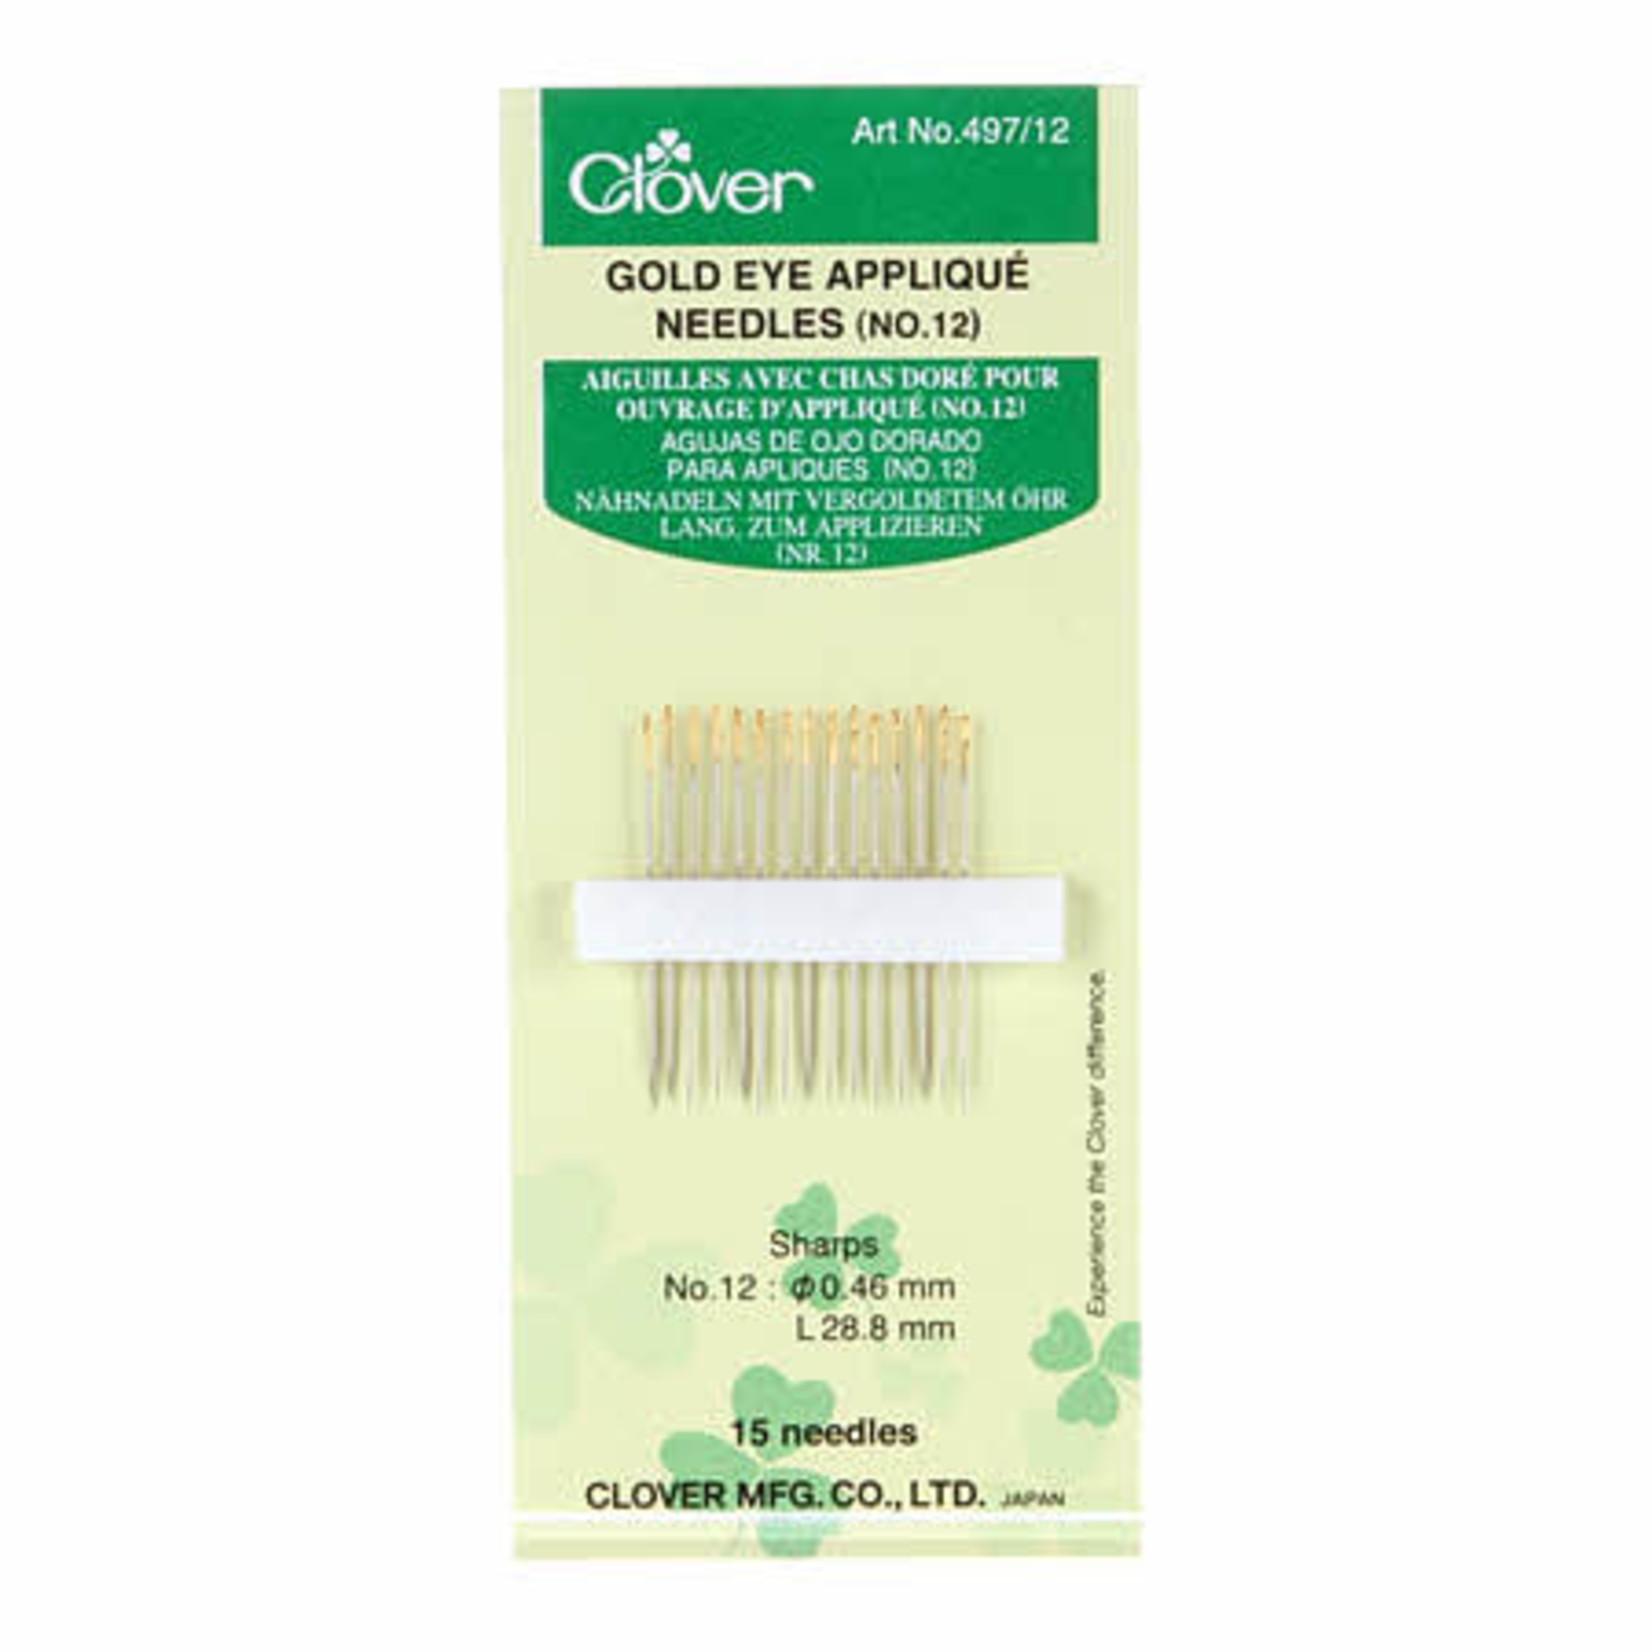 Clover Applicatienaalden - Gold Eye Appliqué Needles - NO.12 - 15 stuks